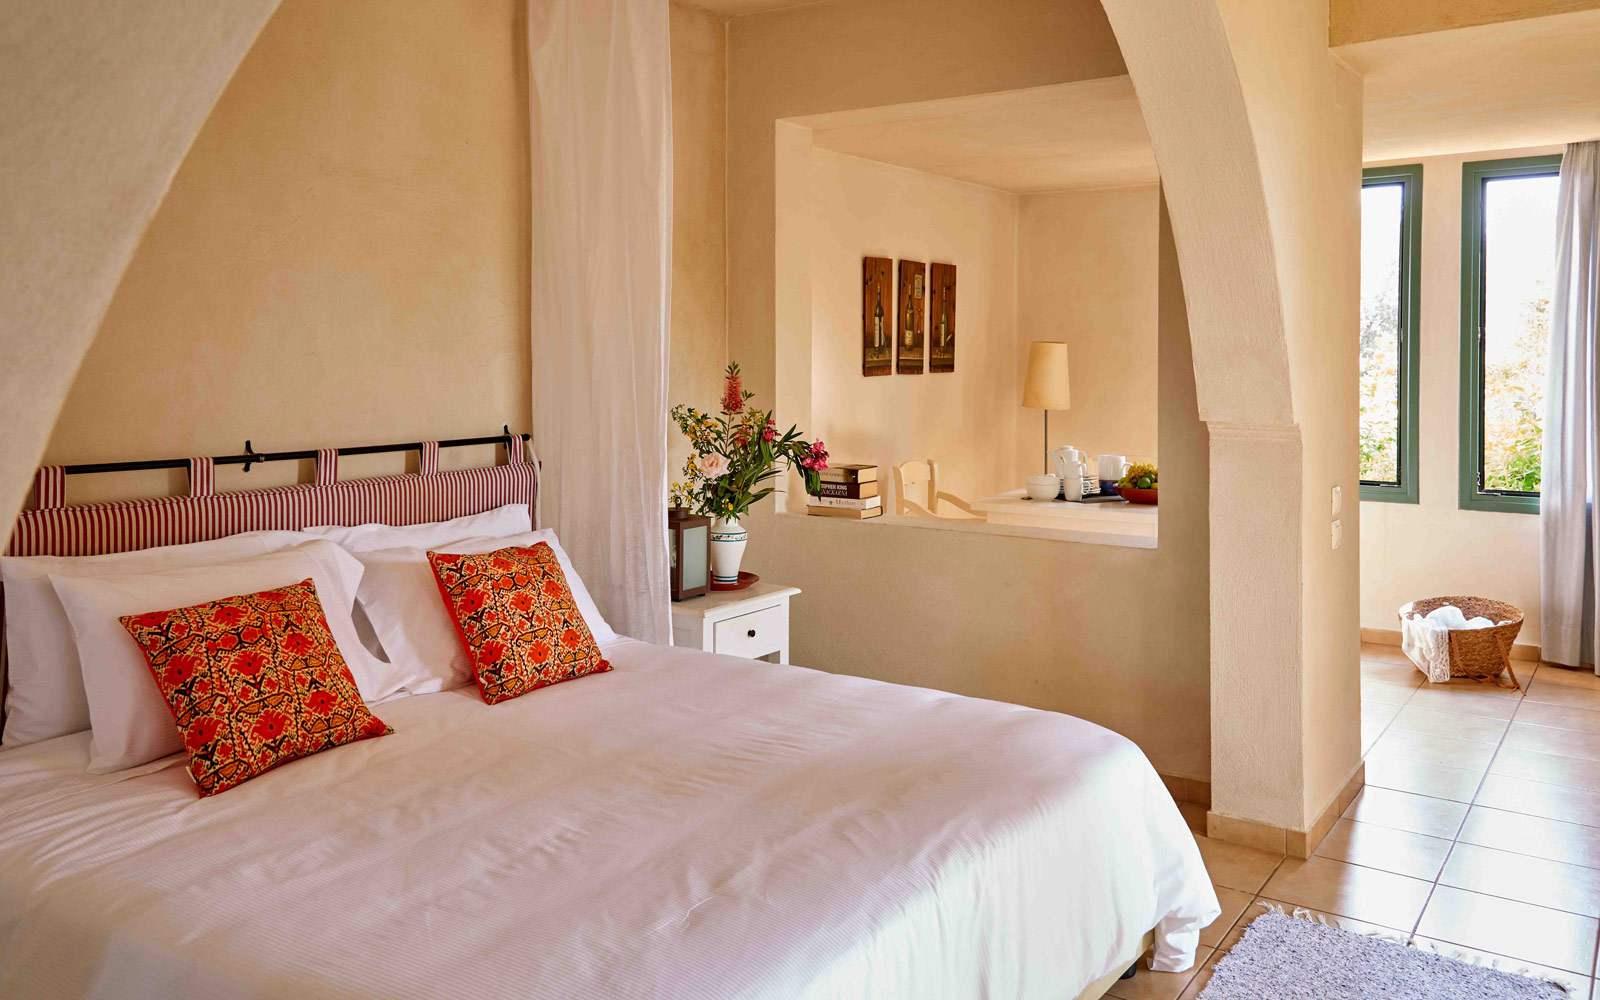 Village Heights Resort 1 Bedroom Apartment